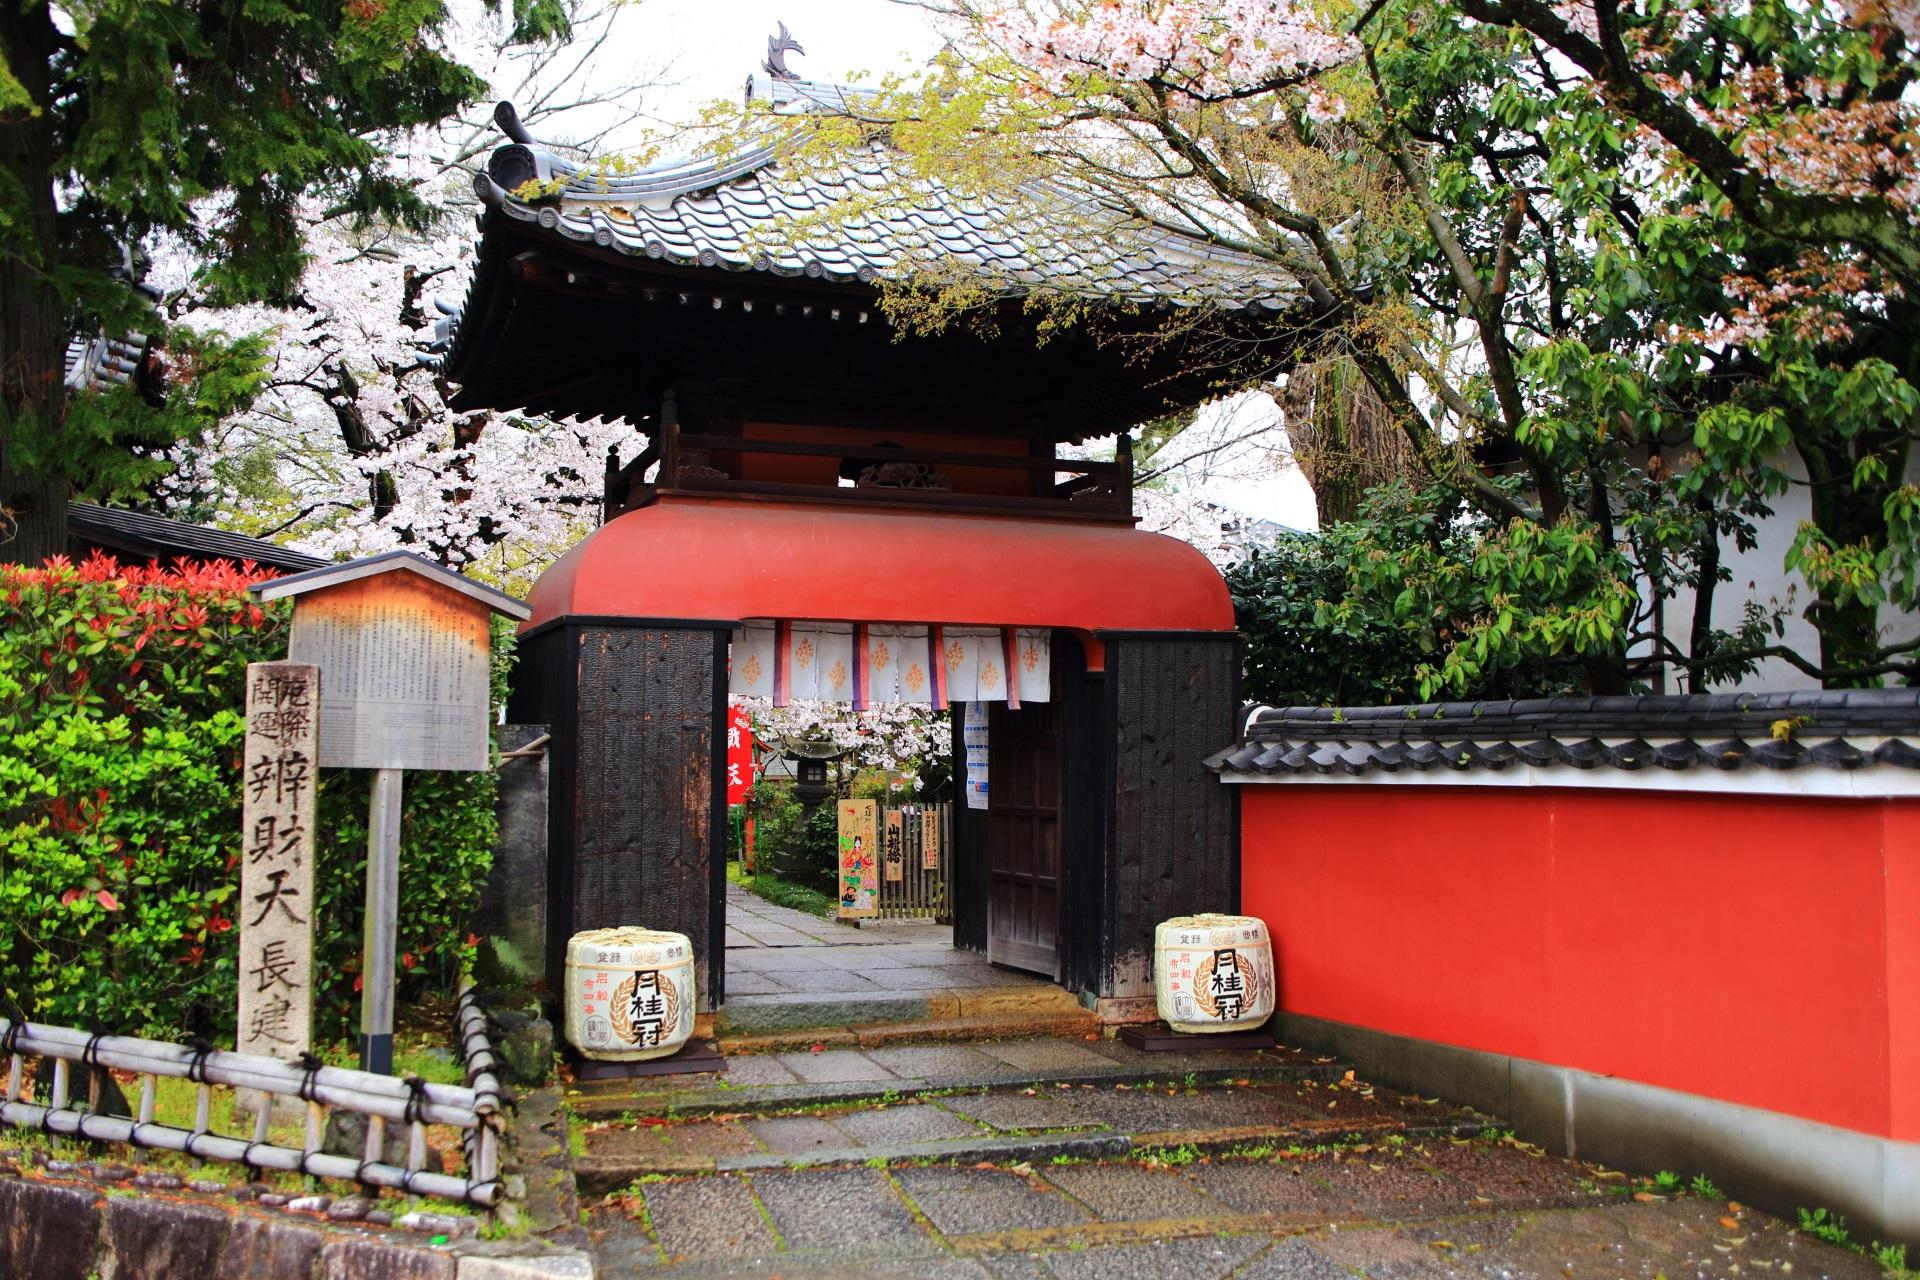 奥には桜が見える長建寺の独特の龍宮門